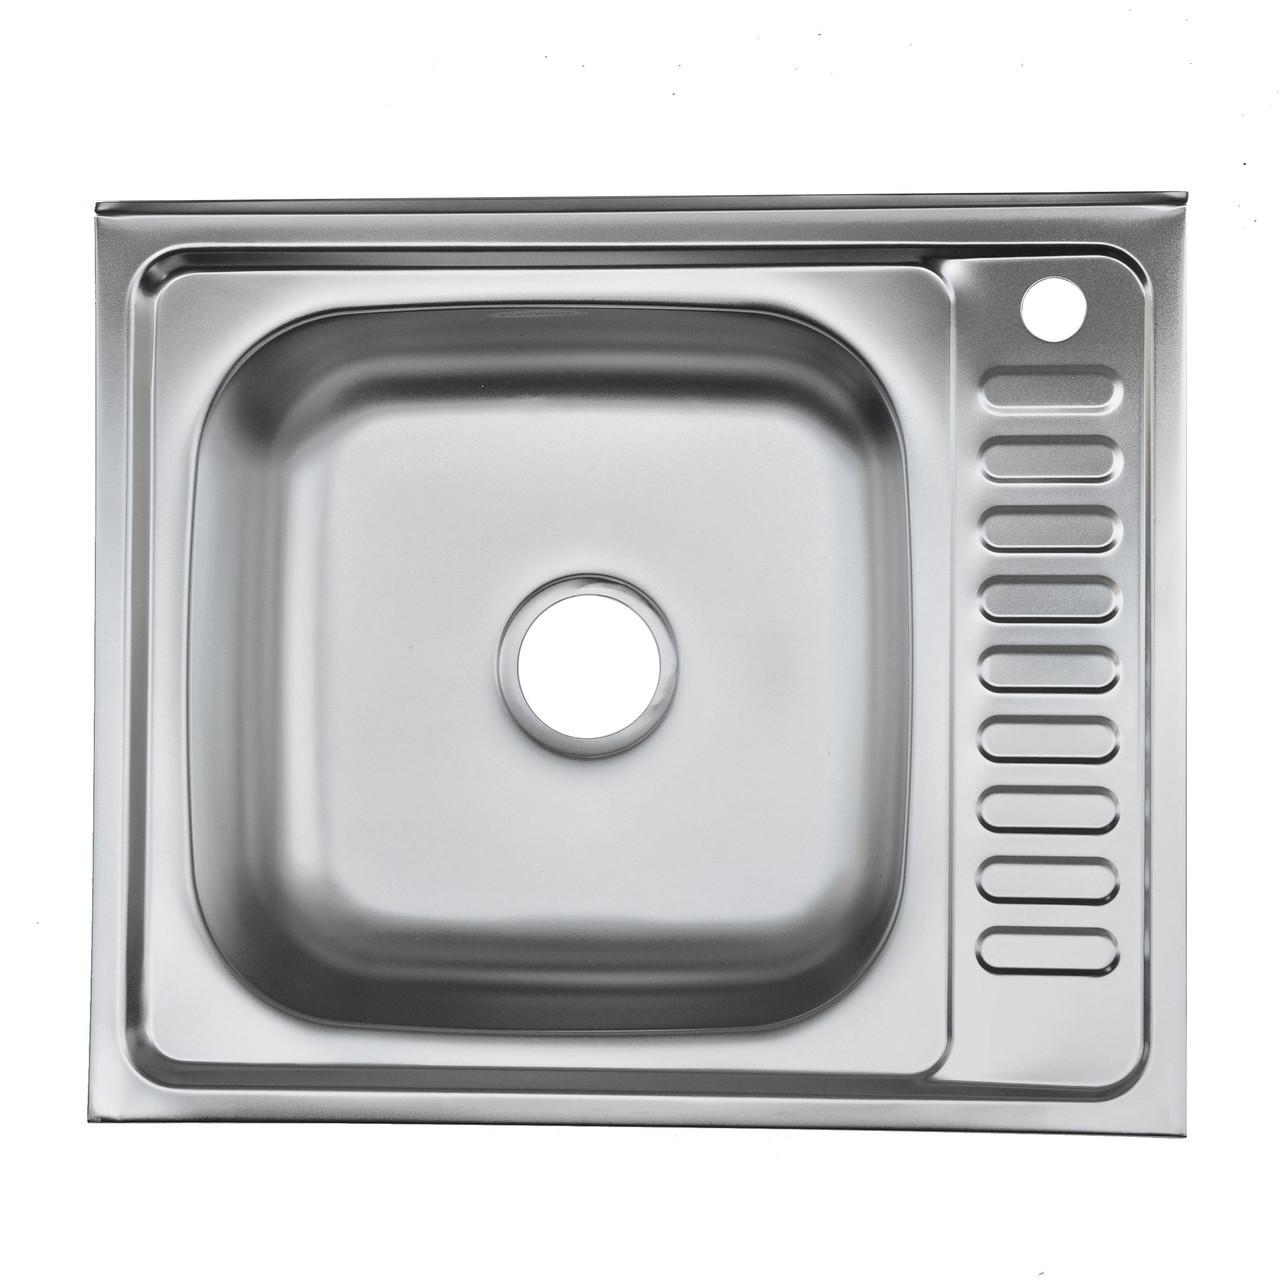 Накладная мойка Platinum 6050 R Decor 0,7 мм правосторонняя. Декорированная.